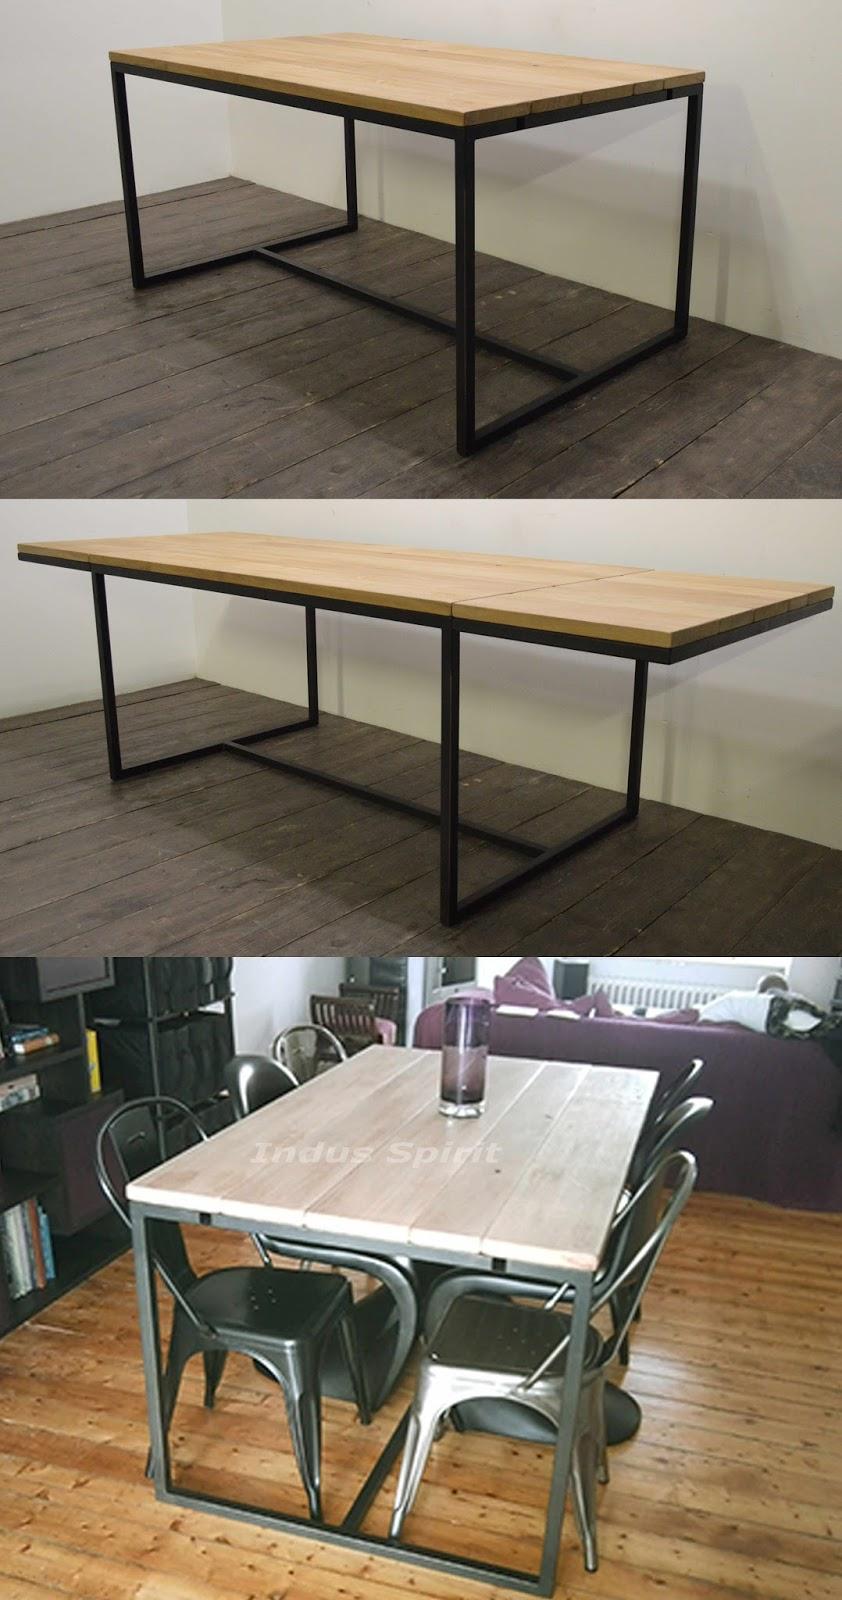 Meuble industriel d coration industrielle meuble de for Table industrielle design